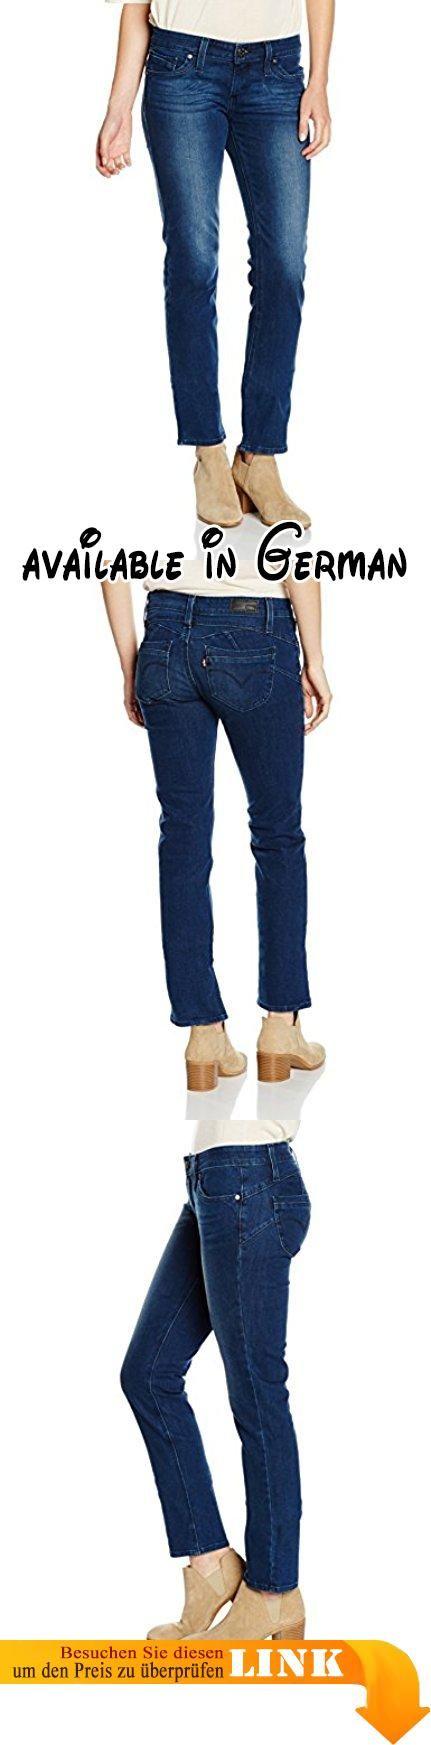 Levi's Damen Jeans Revel Low Demi Curve Straight New, Gr.W29/L32 (Herstellergröße: W29/L32), Blau (Retro Dark). Passform, die begeistert. Kontrollierte Elastizität. Levi's® Revel Low DC Straightnew. Liquid Shaping Technologie. Gerader Fit und starker Sitz #Apparel #PANTS